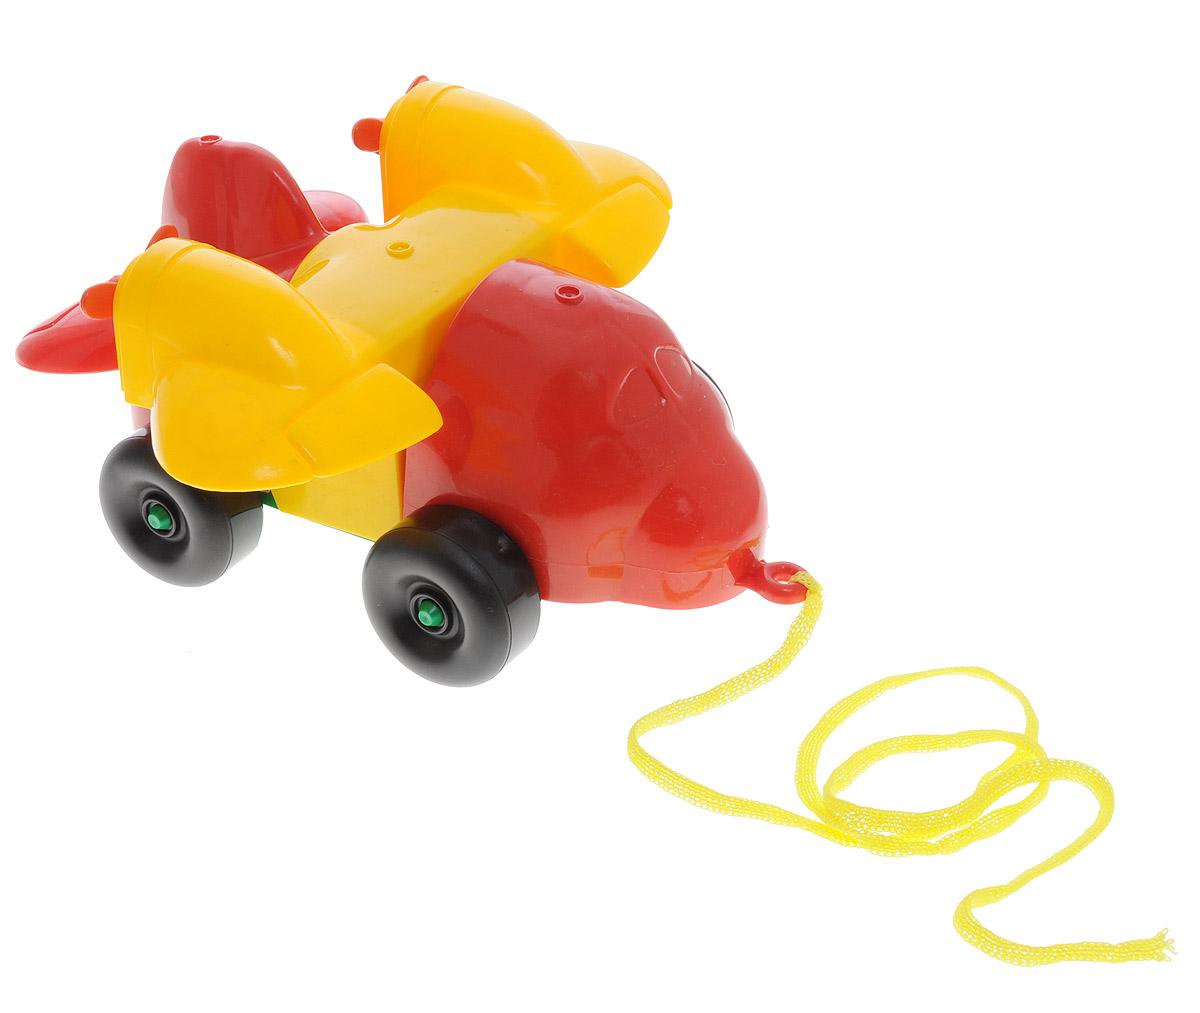 Bauer Каталка-конструктор Самолет цвет красный желтый284_красный, желтыйКаталка-конструктор Bauer Самолет обязательно привлечет внимание вашего малыша. Игрушка состоит из нескольких крупных элементов разных цветов, из которых можно собрать самолет на колесиках. Также в комплект входит верёвочка, которую можно привязать к игрушке, чтобы ребёнок смог катить её за собой. Игрушка выполнена из высококачественного пластика. С такой игрушкой ваш ребенок весело проведет время, играя на детской площадке или в песочнице. А процесс сборки игрушки-конструктора поможет малышу развить мелкую моторику, внимательность и усидчивость. Порадуйте своего малыша такой чудесной игрушкой!